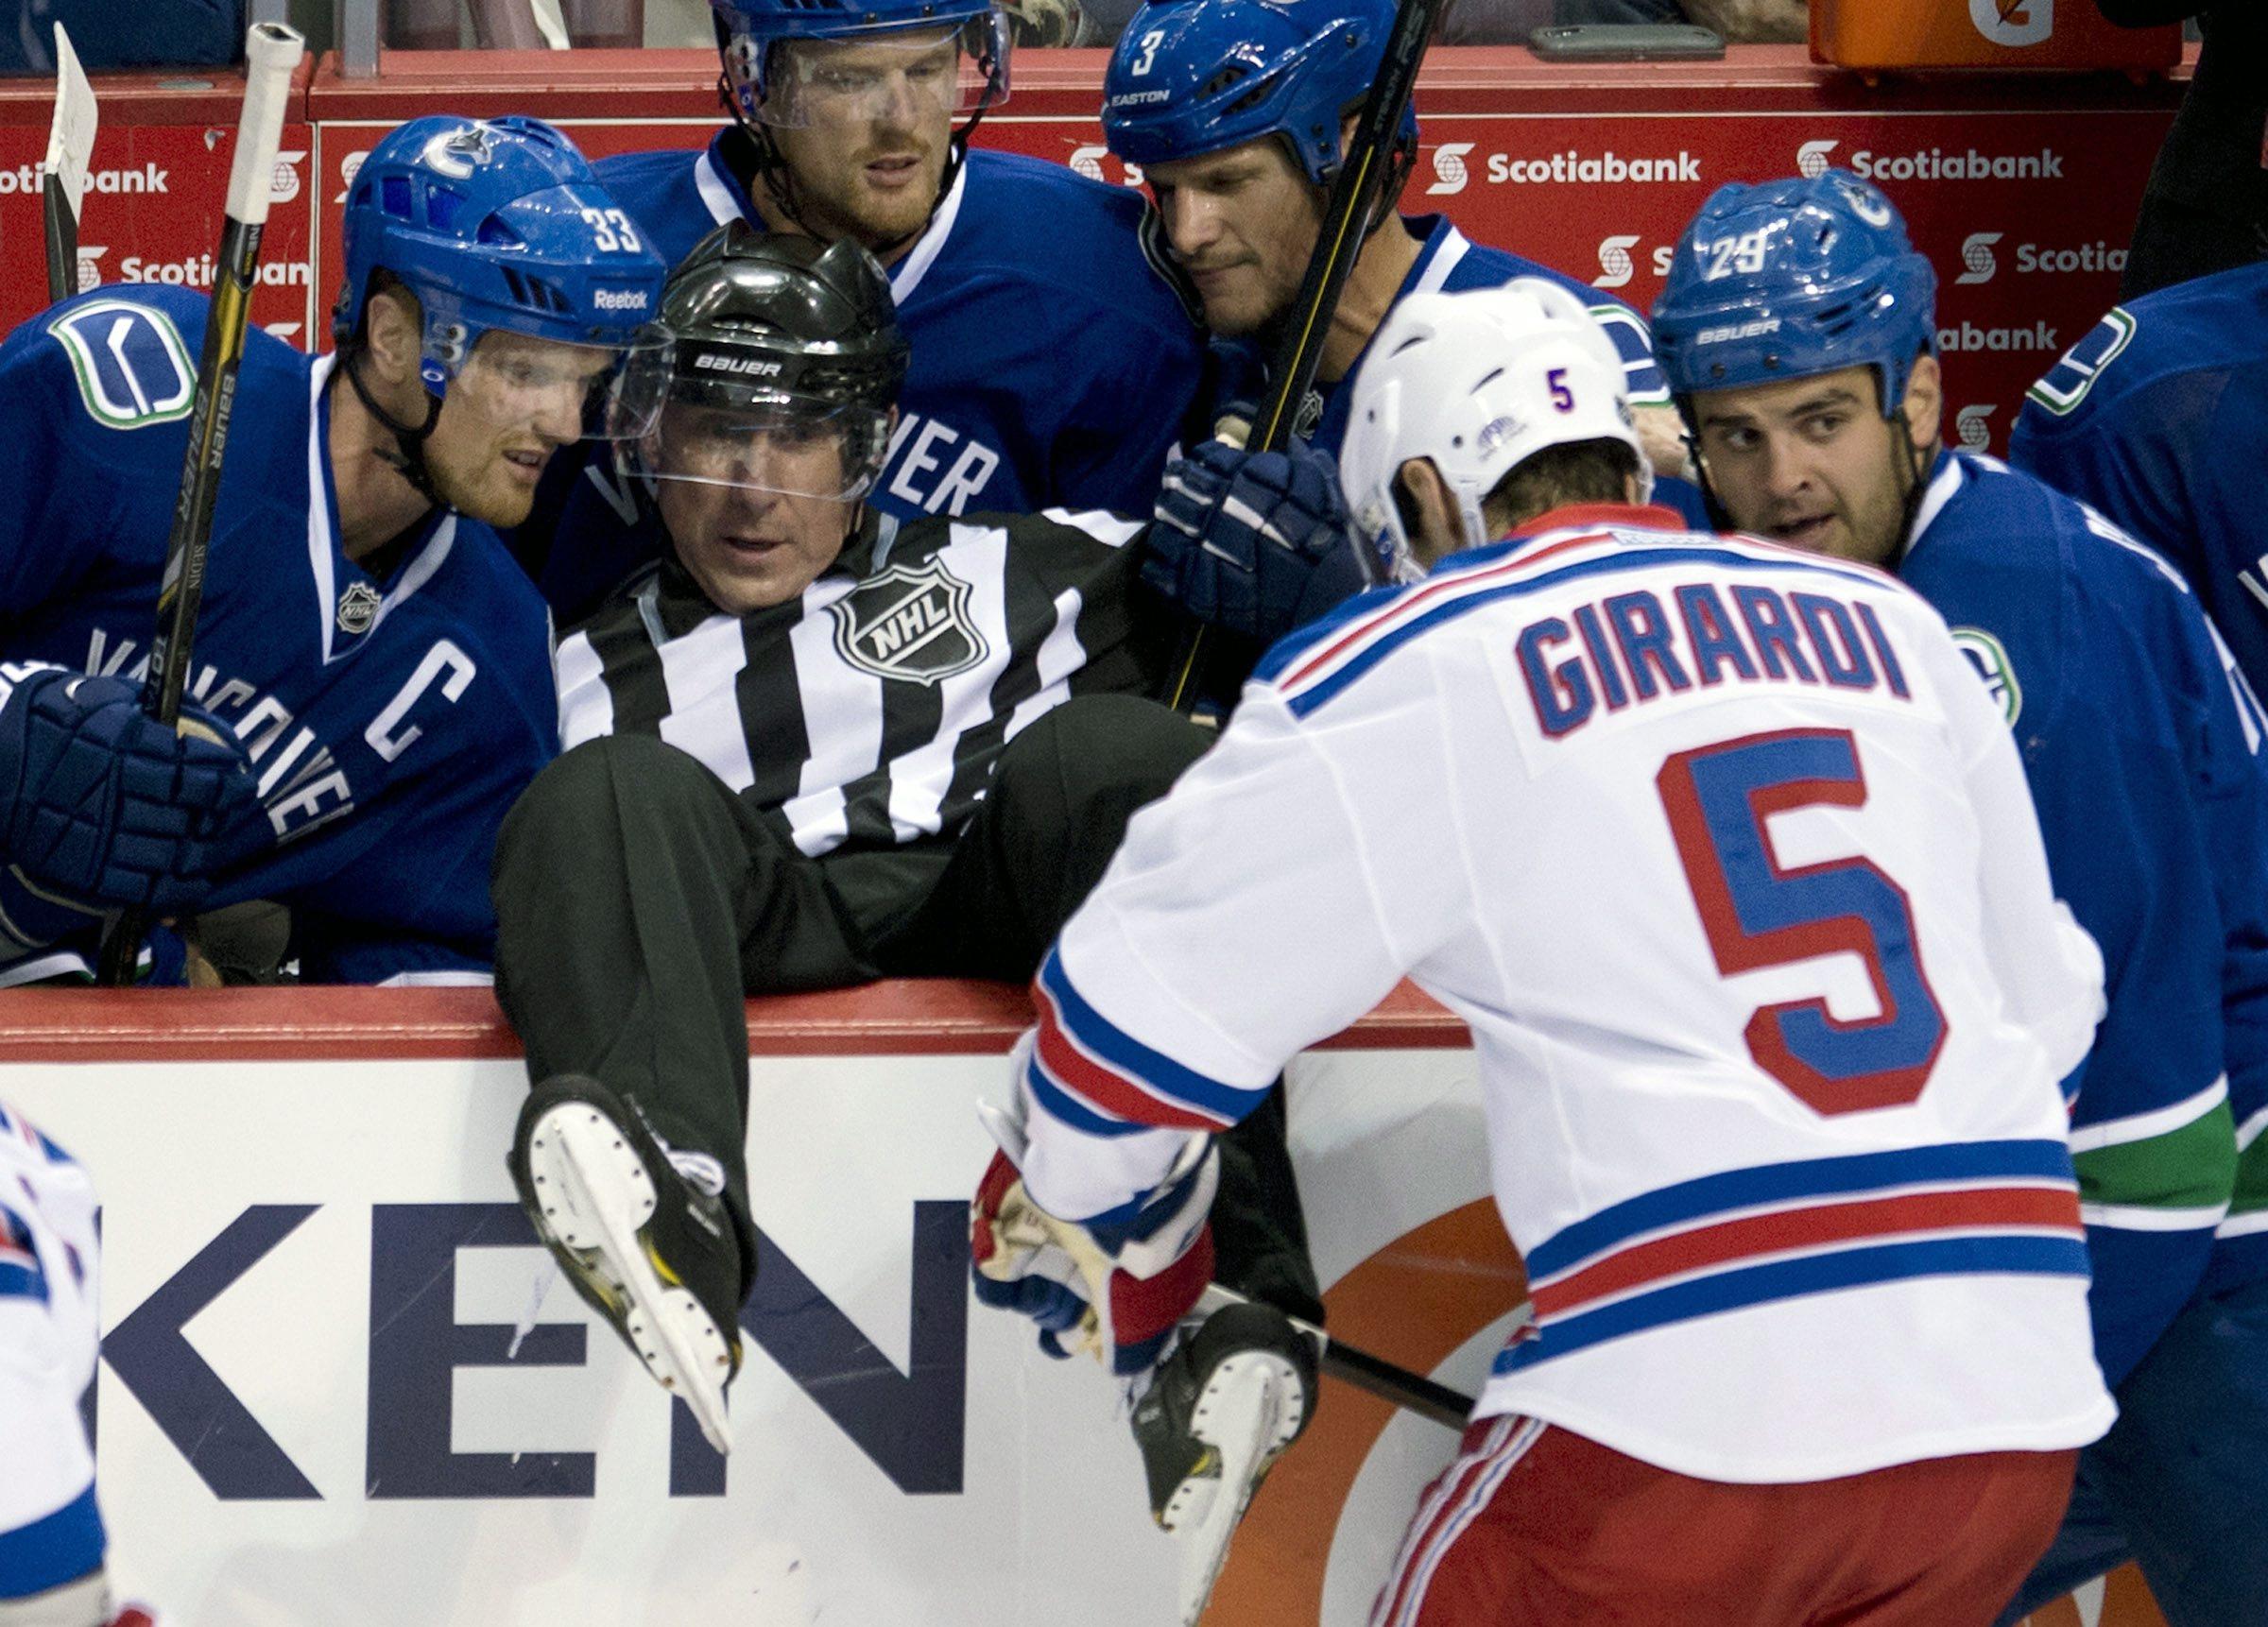 Canucks shut out Rangers 5-0